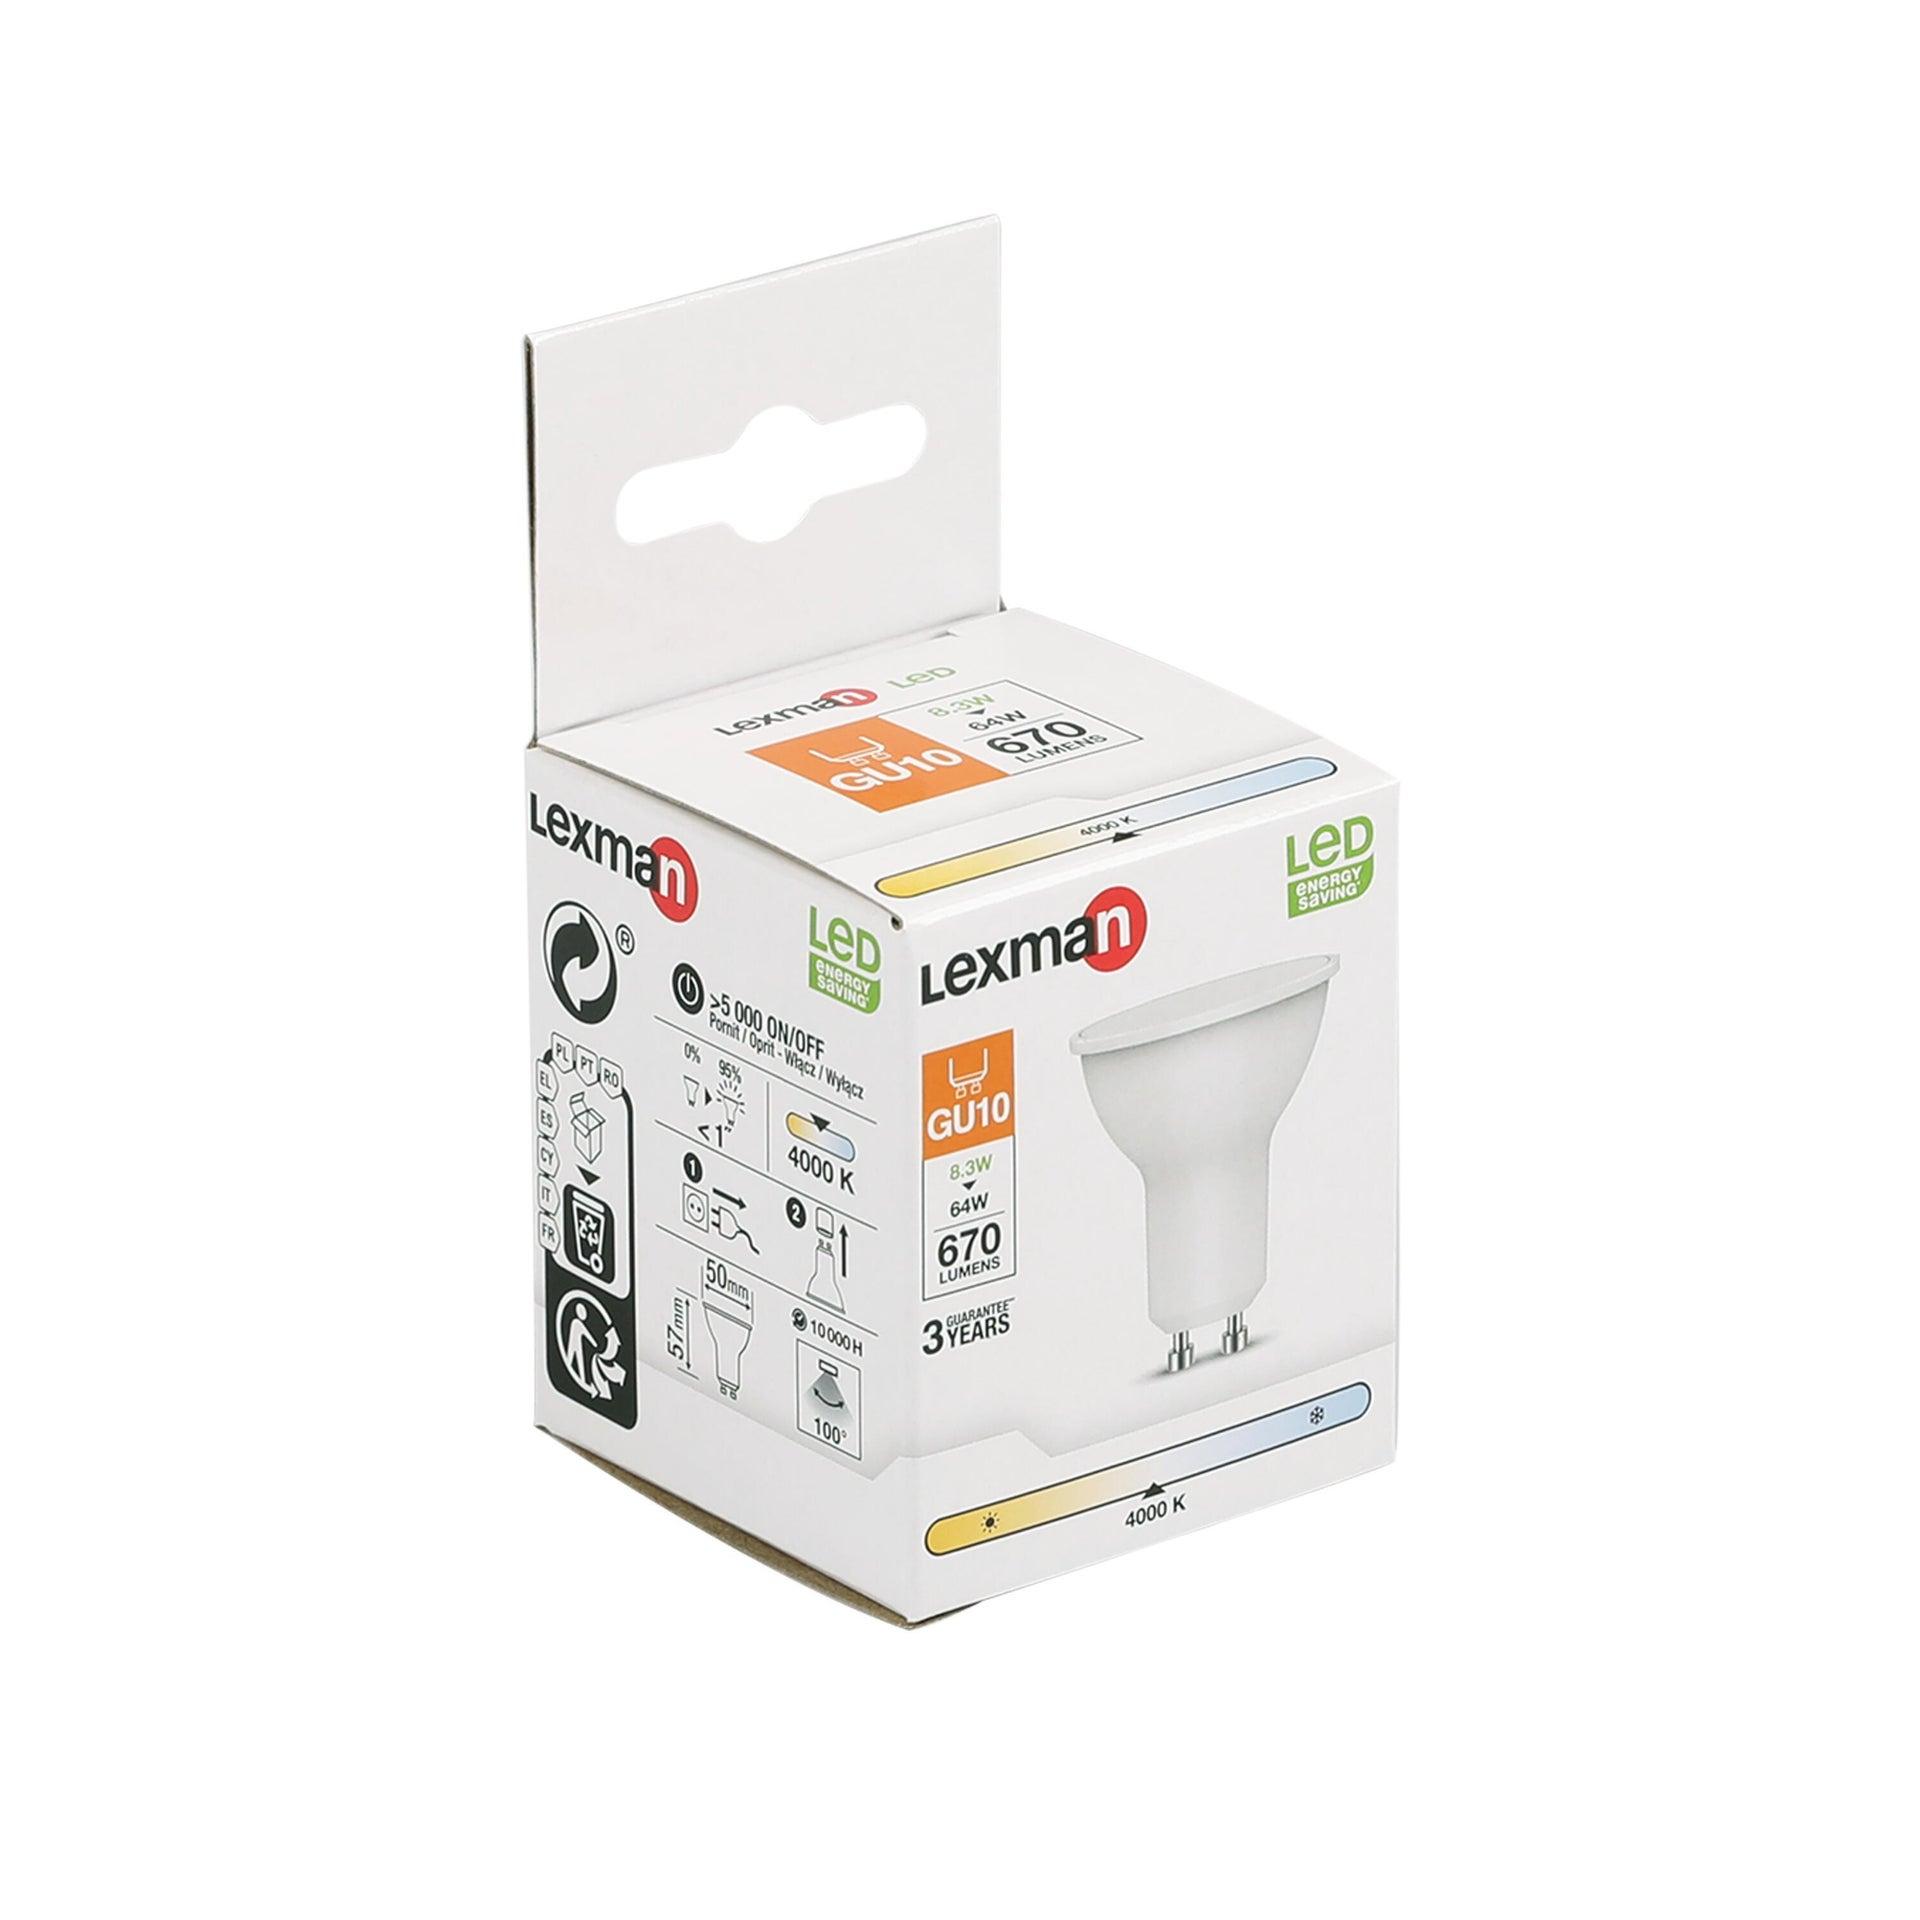 Lampadina LED, GU10, Faretto, Smerigliato, Luce naturale, 8.3W=670LM (equiv 70 W), 100° , LEXMAN - 4